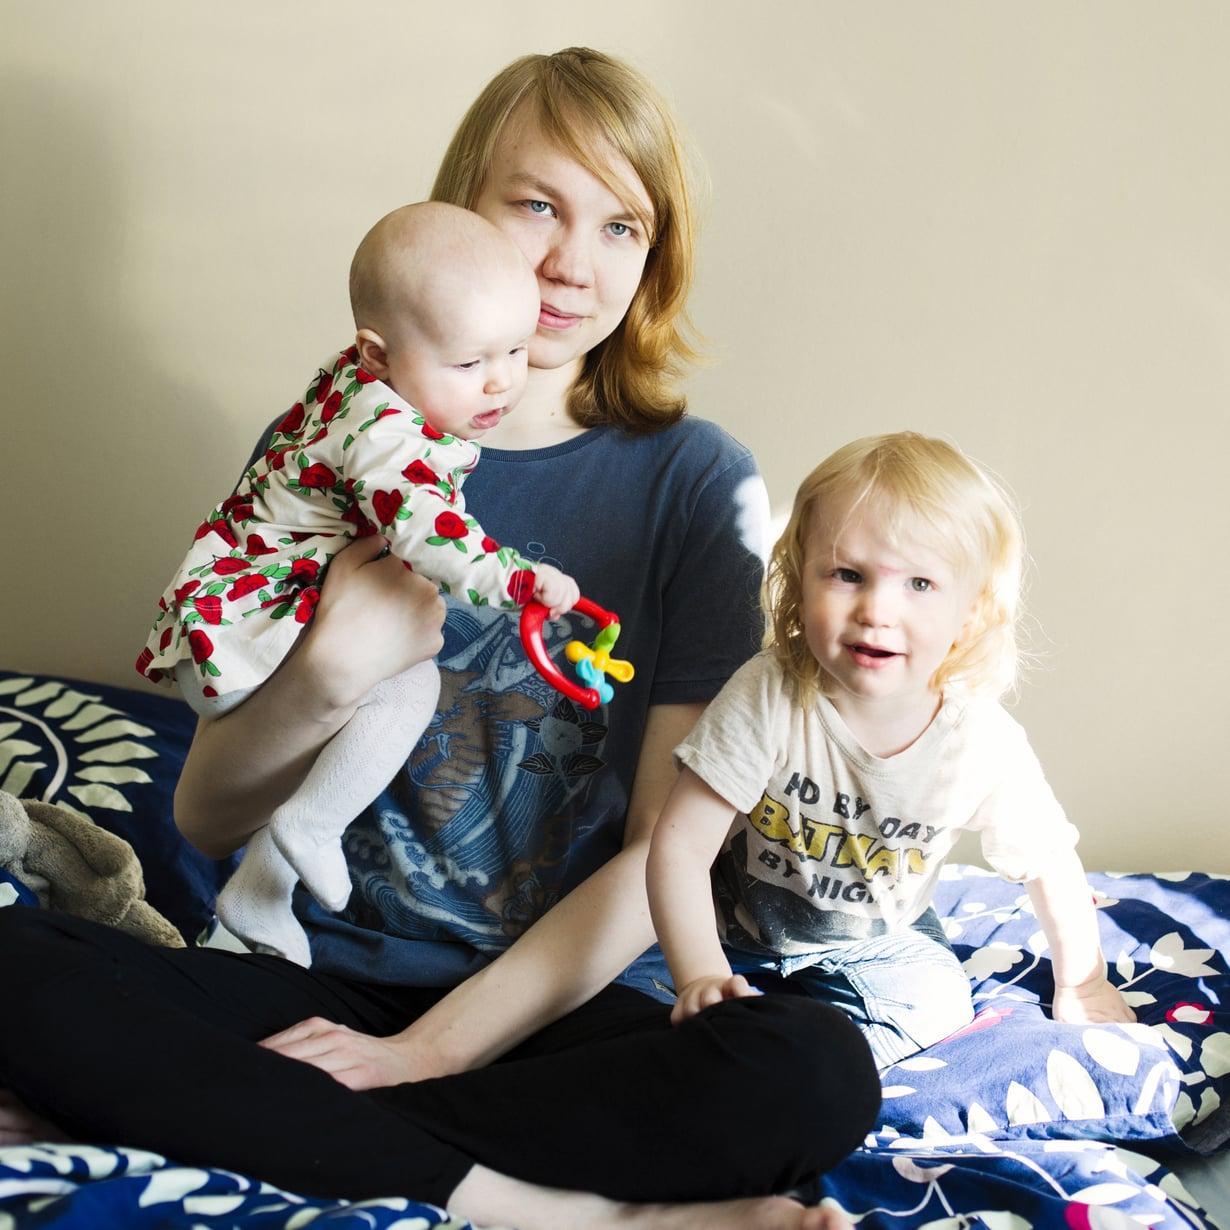 En ole vielä valmis, oli Mikon ensireaktio vauvauutiseen. Toisen lapsen synnyttyä häntä ei yllättänyt isyydessä enää mikään. Kuvat: Milka Alanen